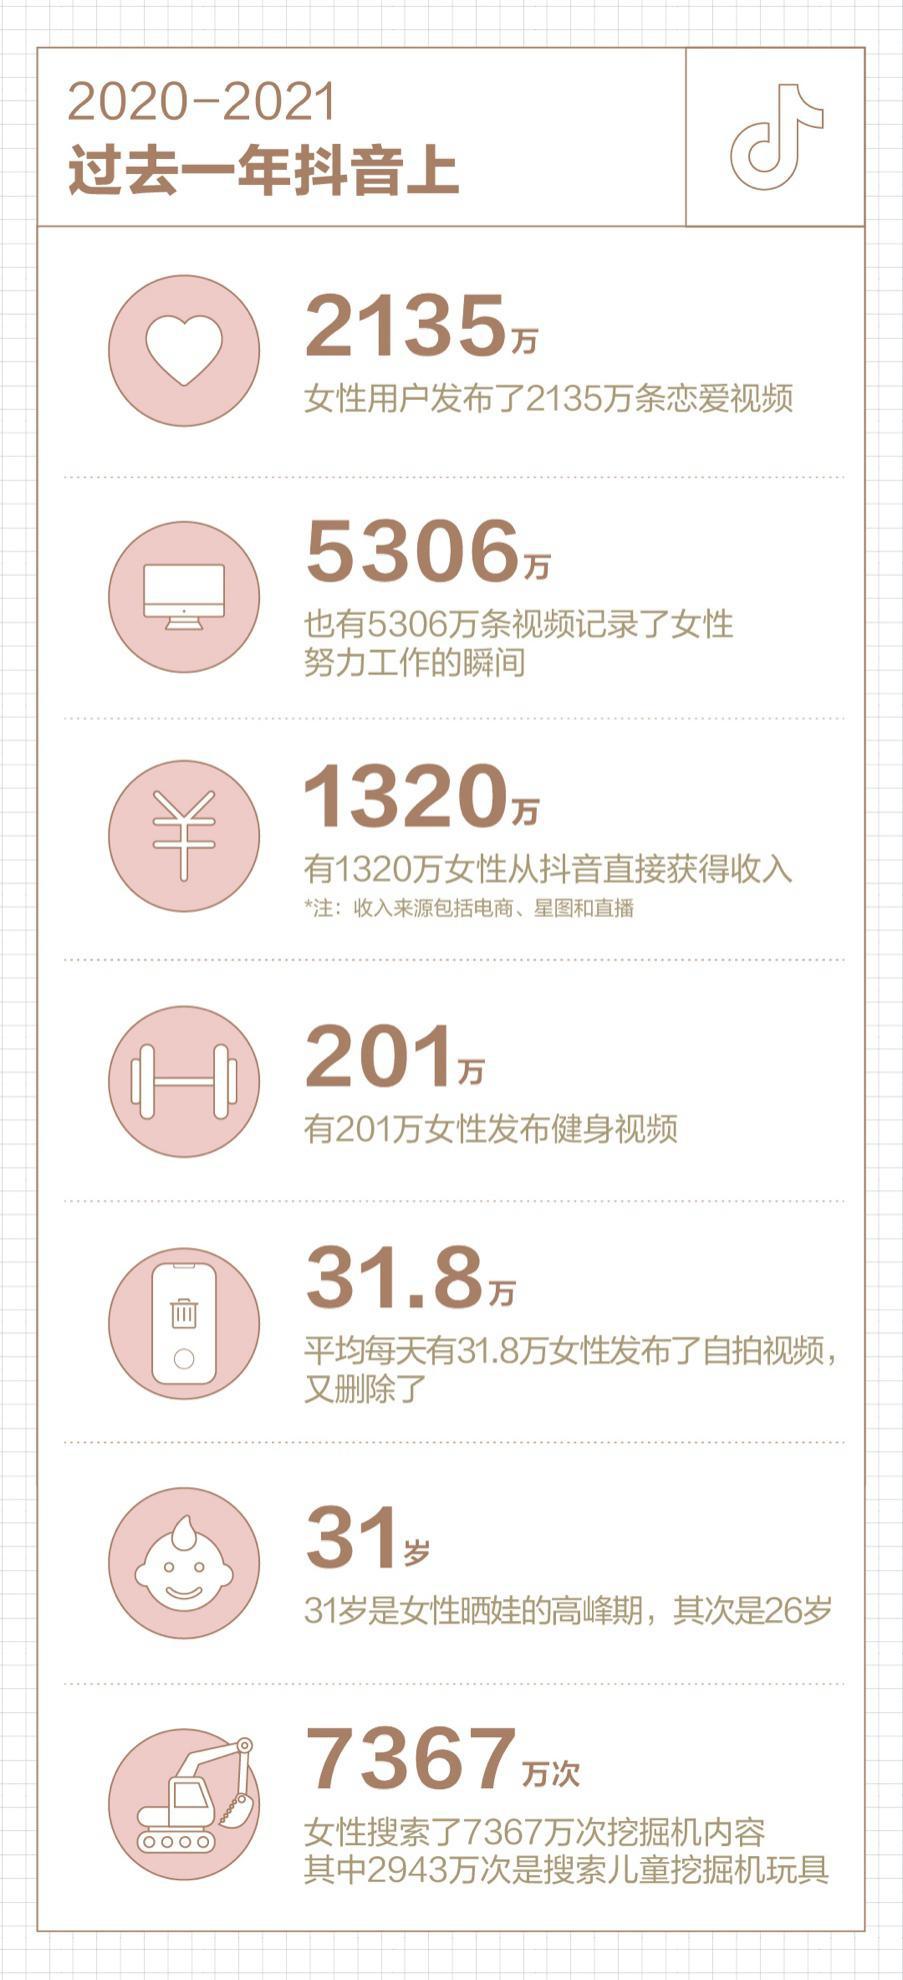 抖音数据陈述:过去一 年女性用户搜索7367万次话